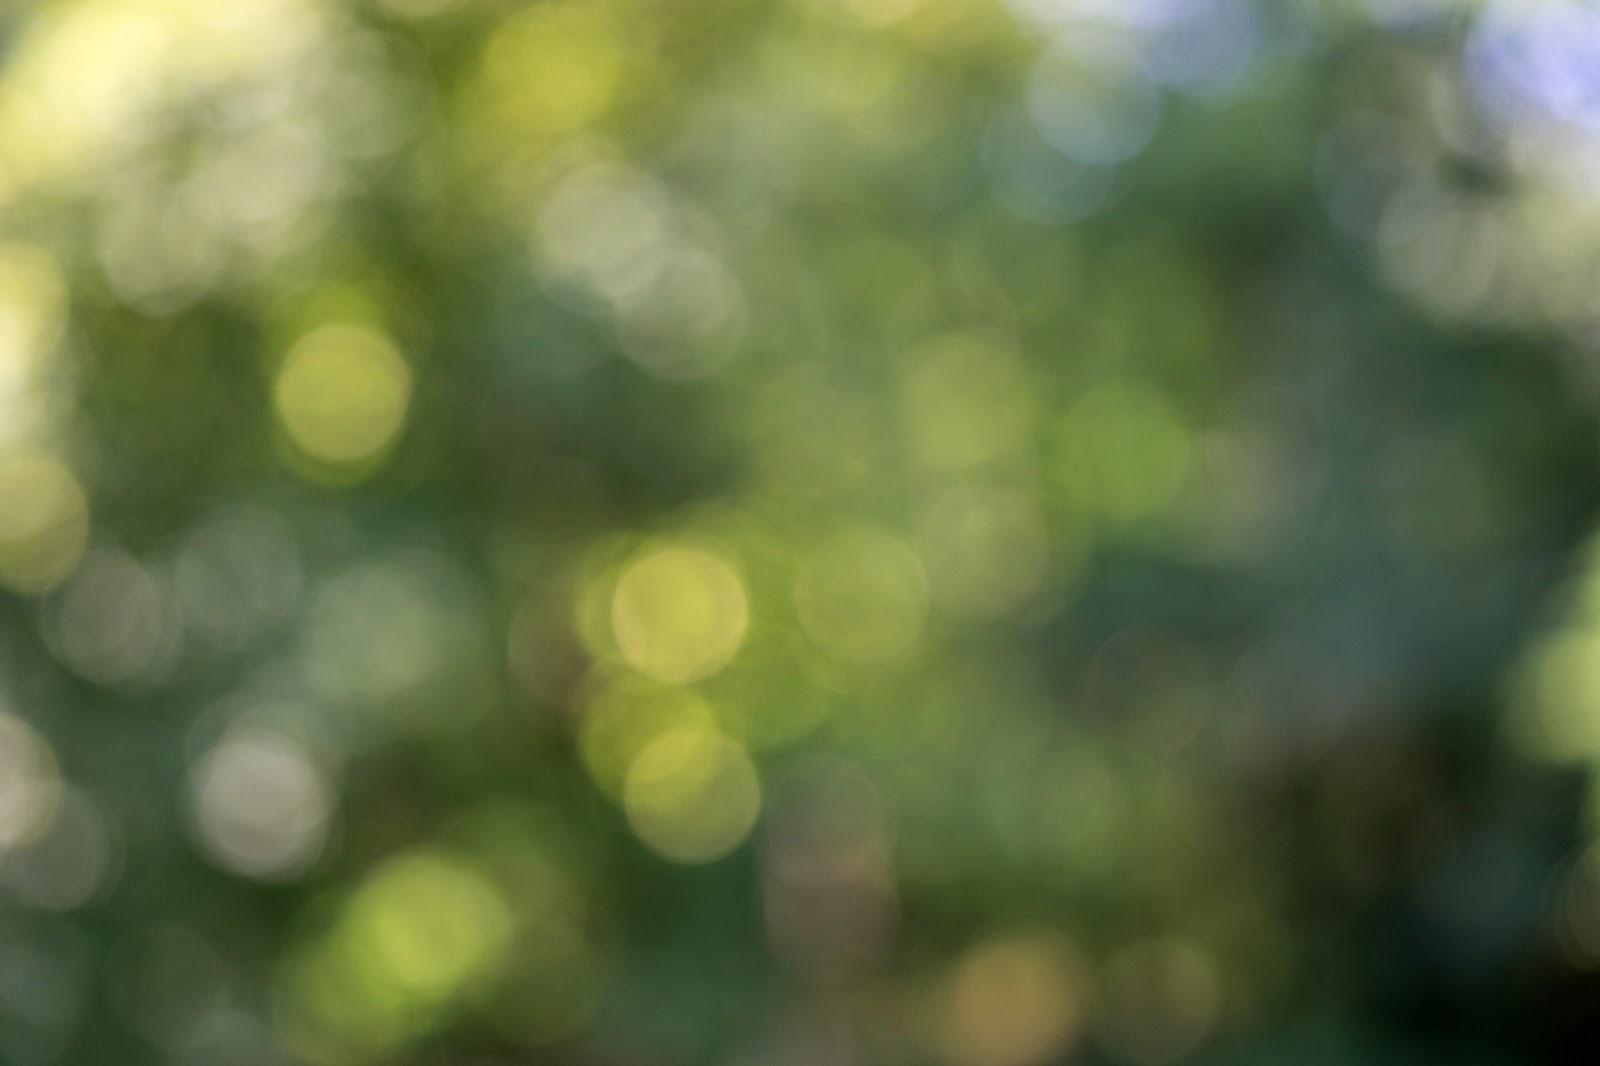 Sony A7 + Sony FE 70-200mm f/4 G OSS